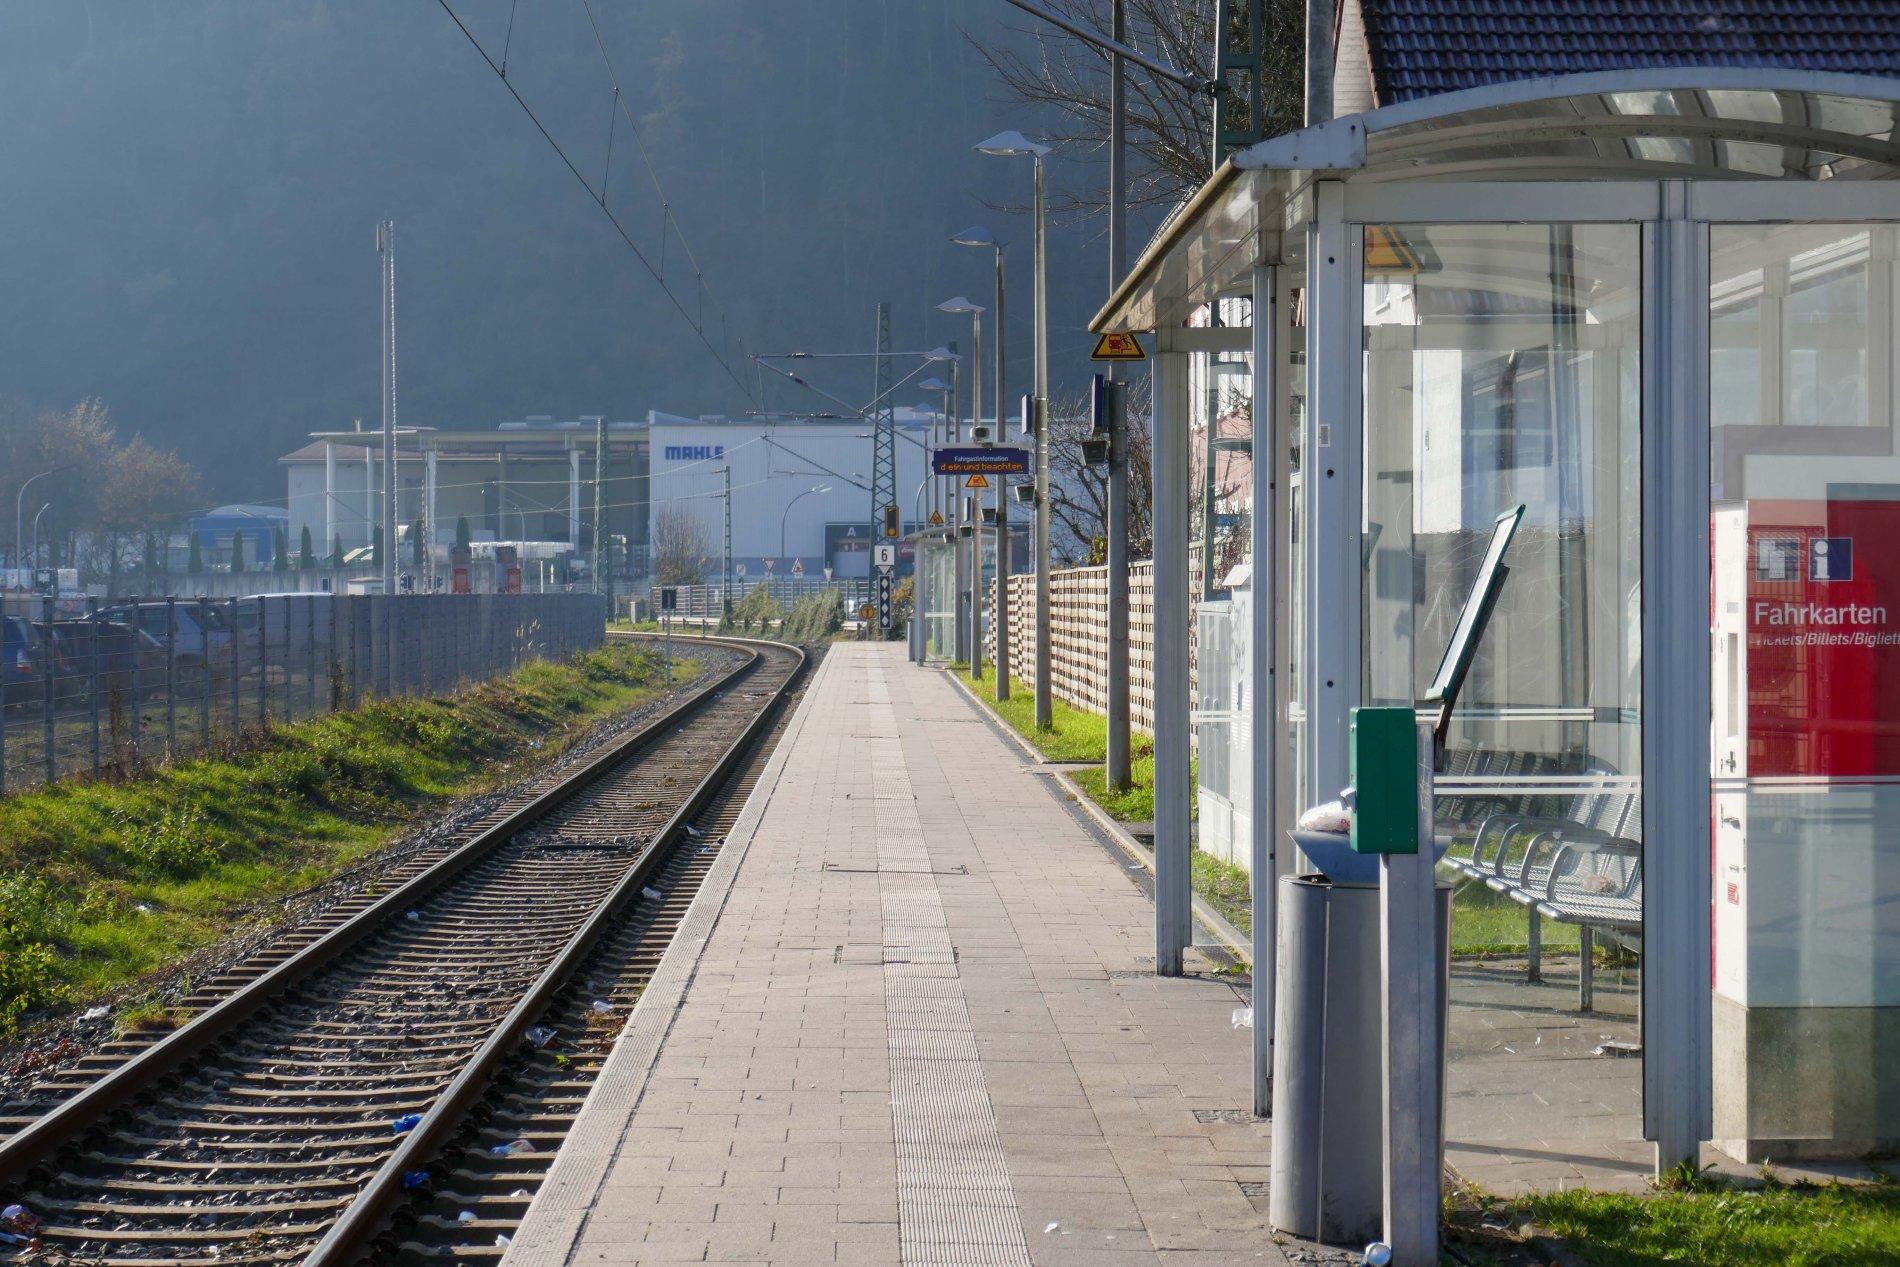 Der Bahnhof in Zell im Wiesental